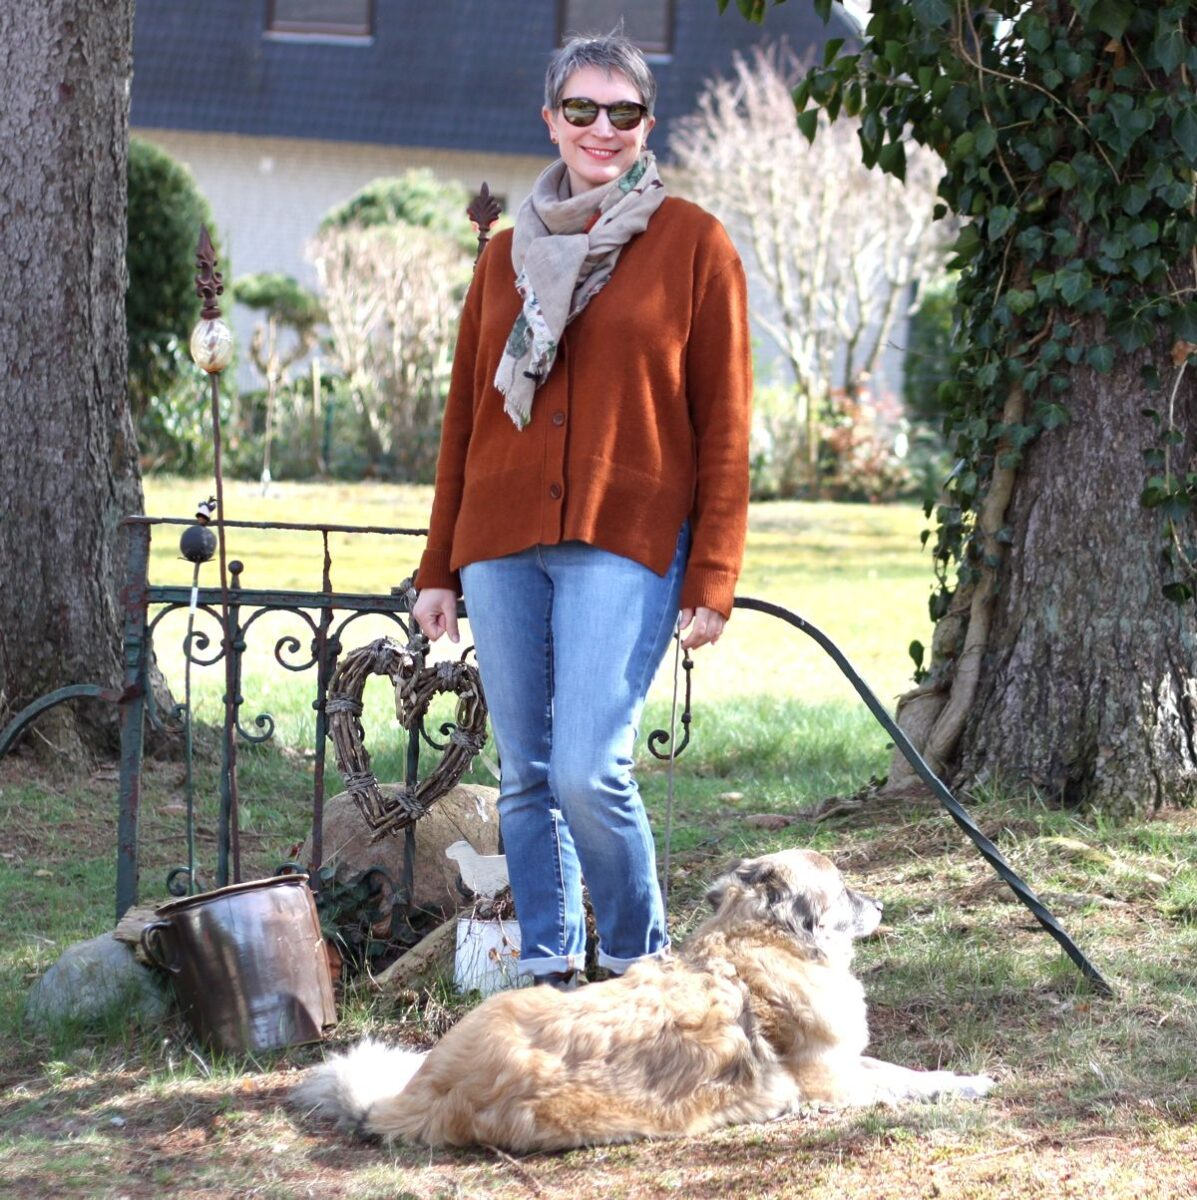 Ines Meyrose - Outfit 2021 - braune Strickjacke, blaue Jeans, blaue Stiefeletten - Ü40 Bloggerin mit Hund Paul - Vergleich von verschiedenen Ärmellängen